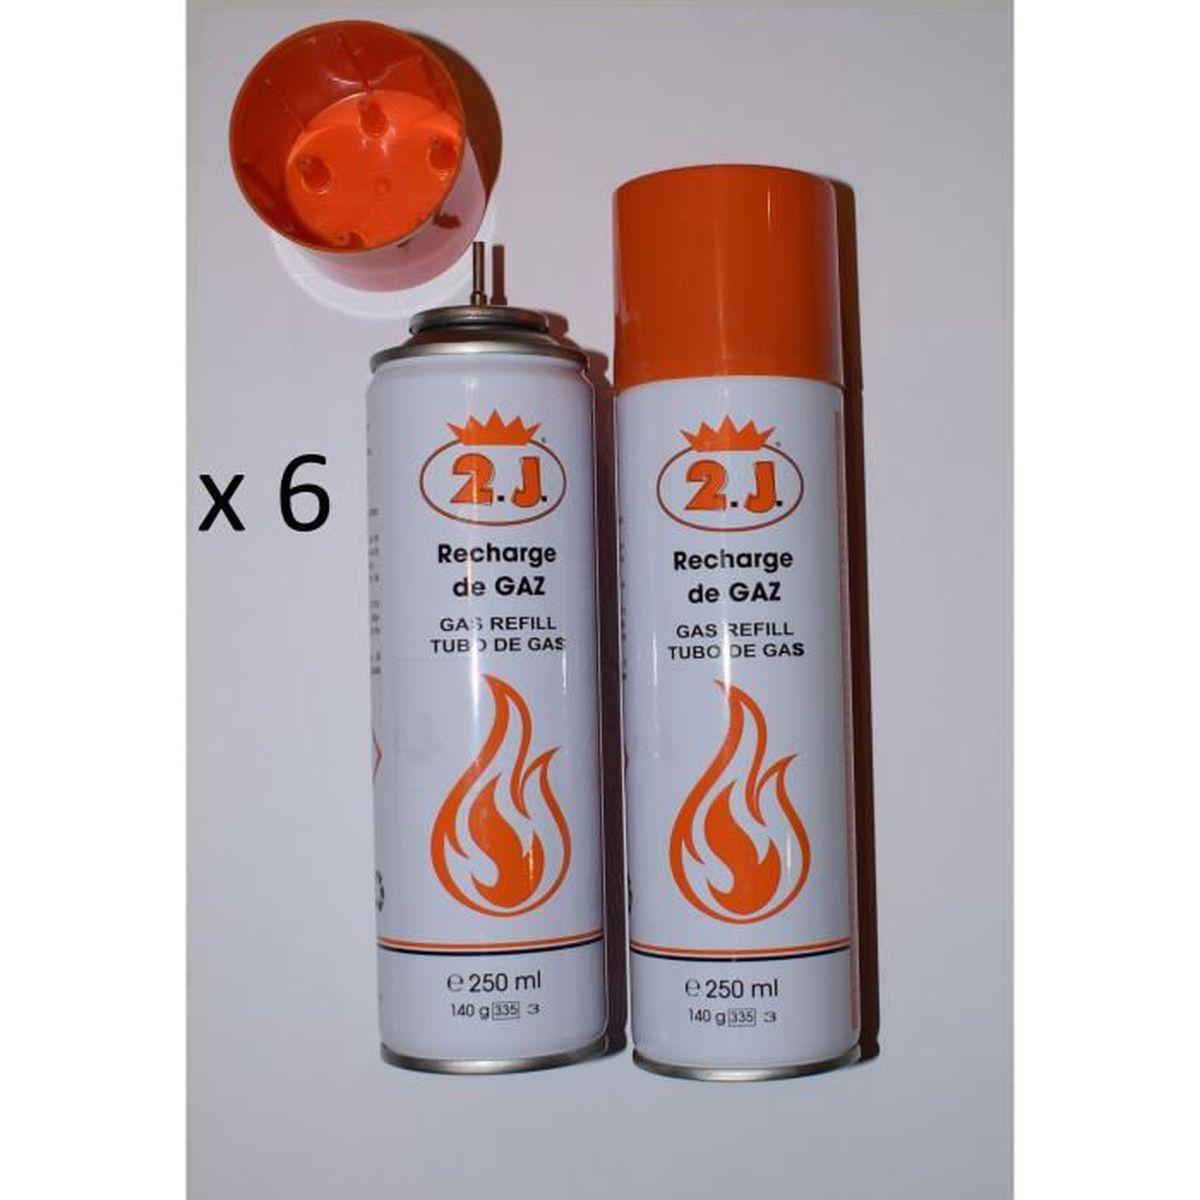 2J Lot de 6 recharges de gaz pour Briquet Allume gaz.